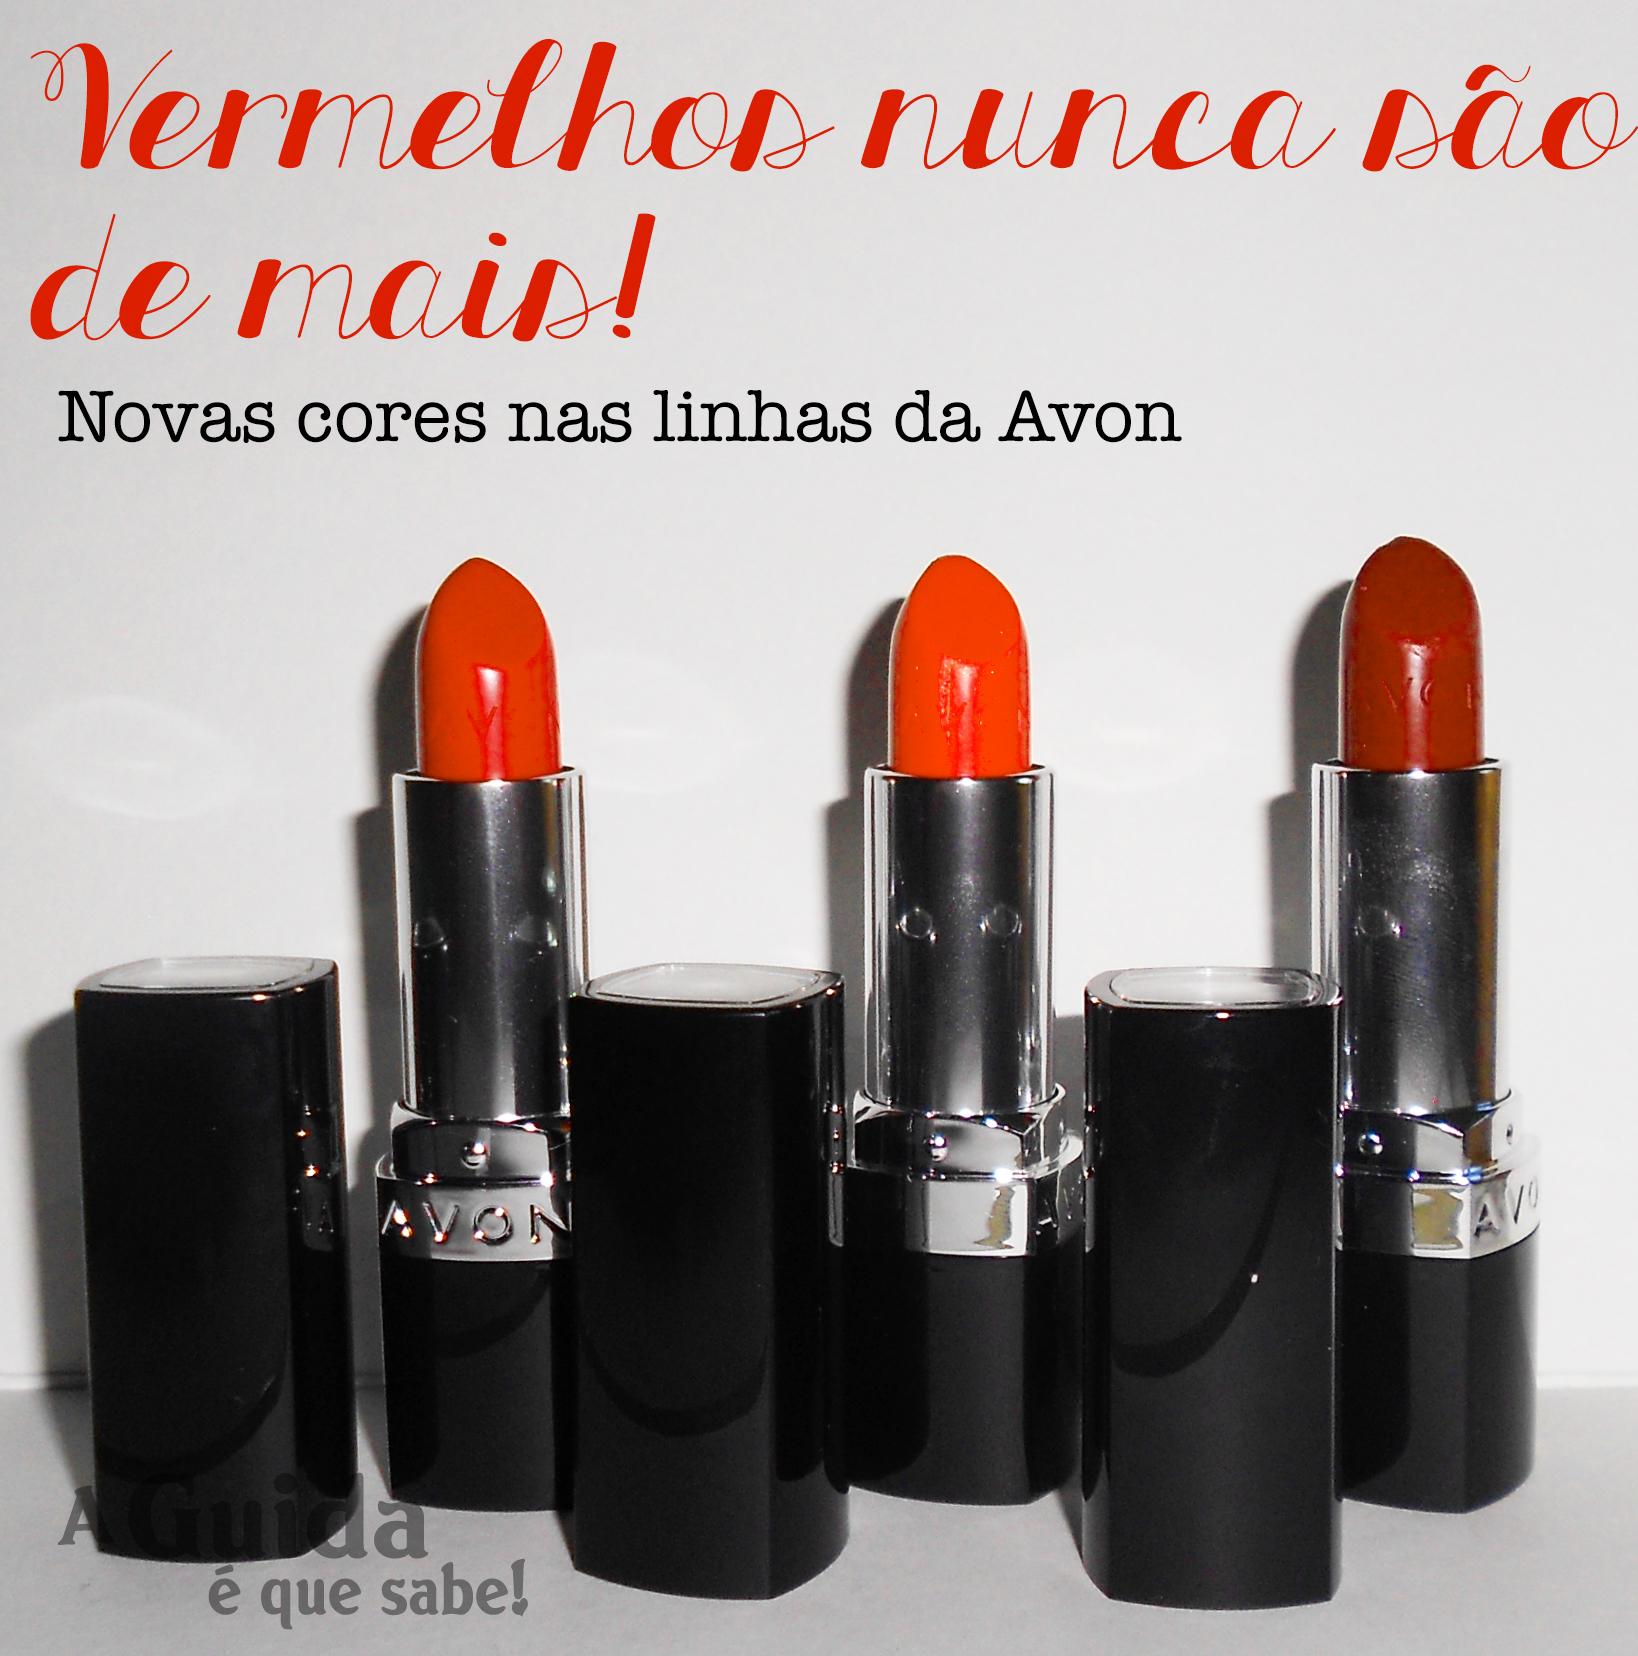 avon batom vermelho review resenha swatch maquilhagem makeup maquiagem